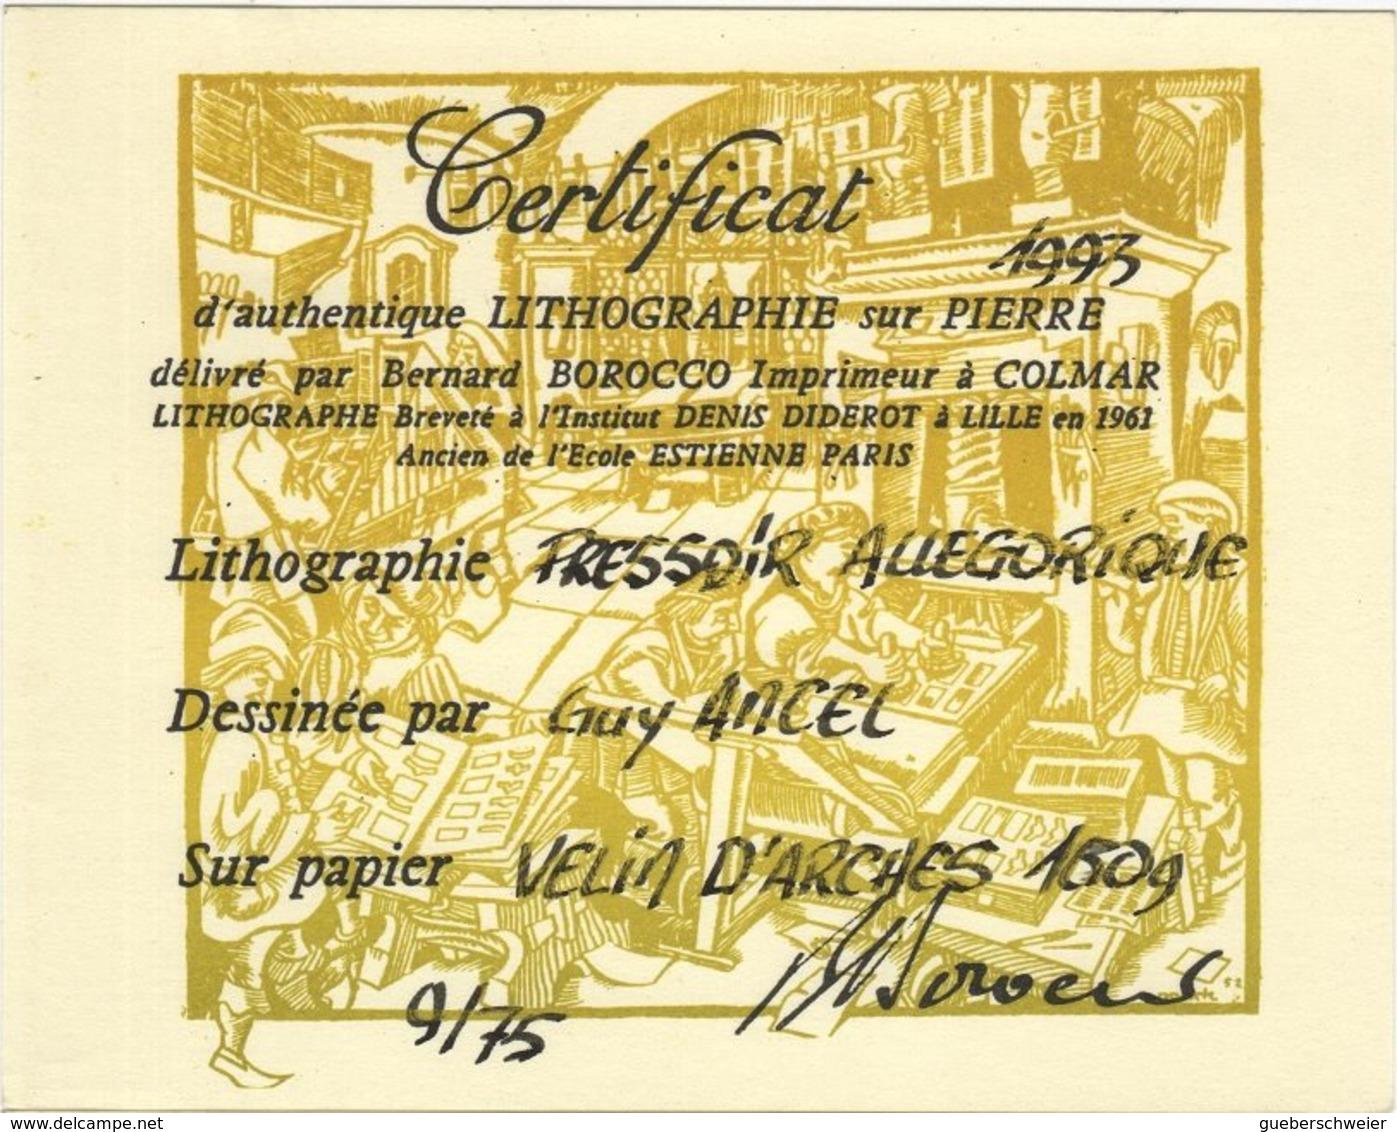 """Lithographie Sur Pierre """"PRESSOIR ALLEGORIQUE"""" Dessiné Par Guy Ancel 1993 Imprimé Par Bernard Borocco Avec Certificat - Lithographies"""